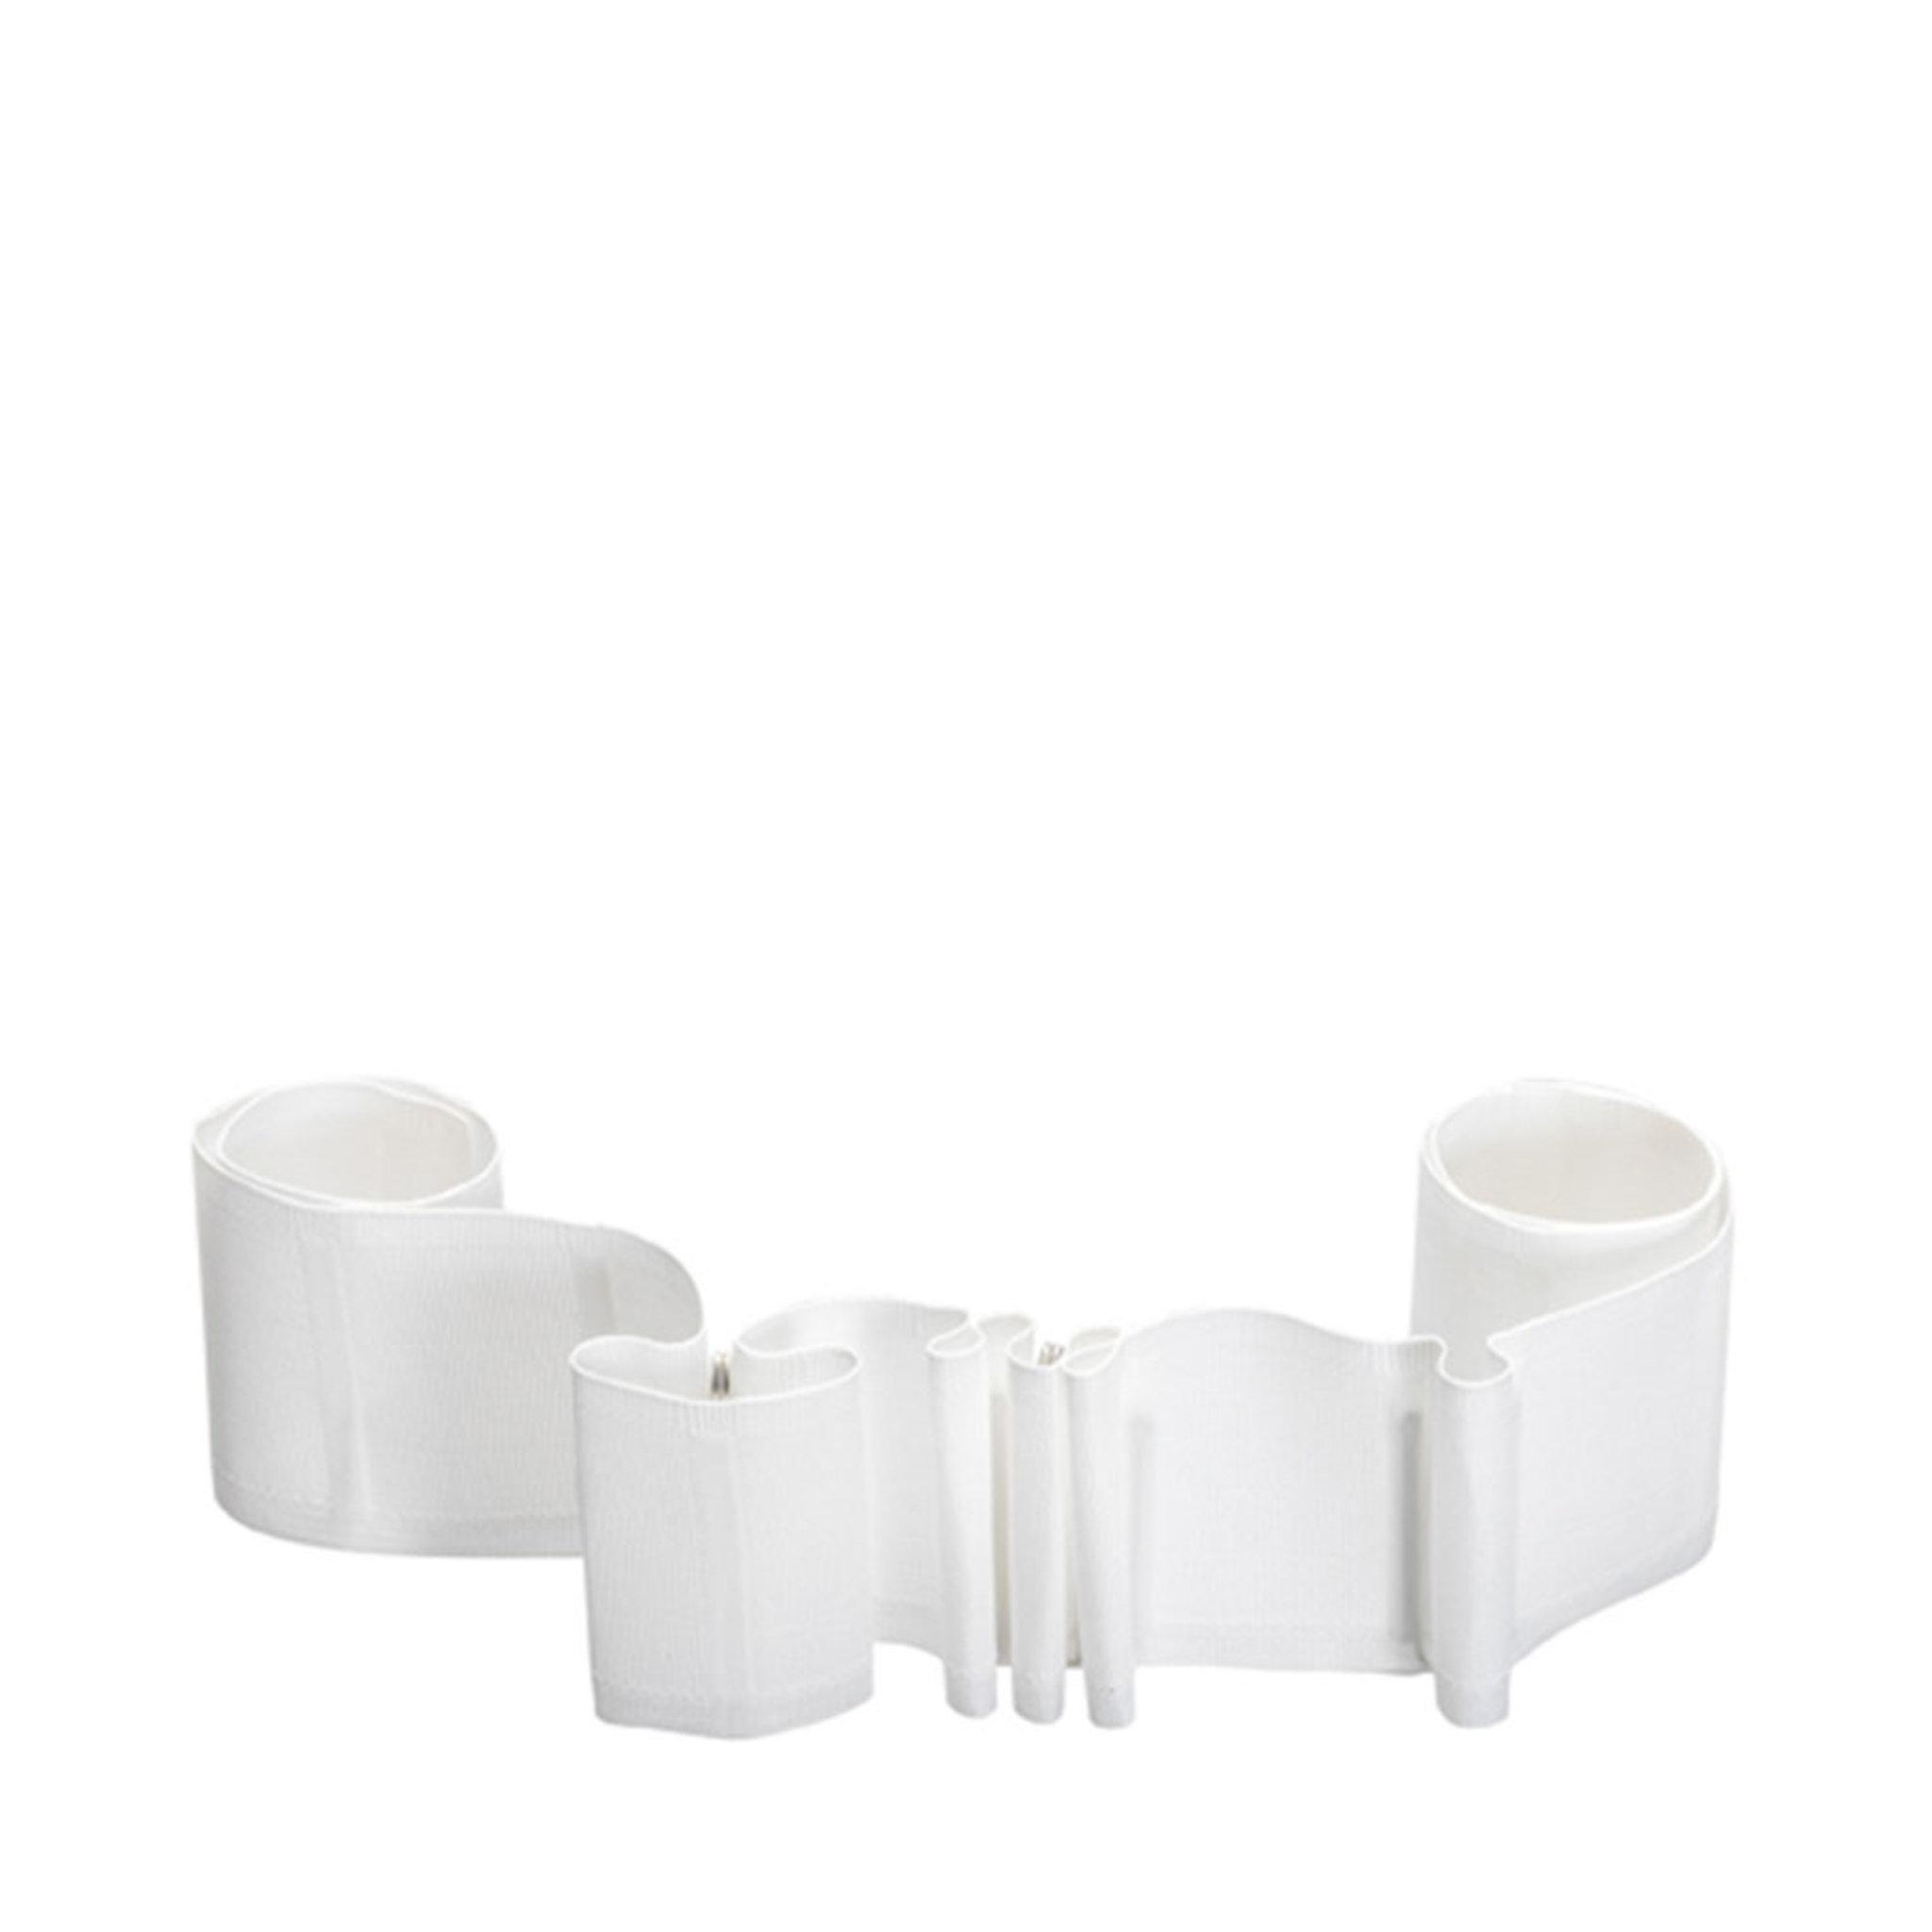 Veckband Easy Fix påstrykningsbart 310 cm